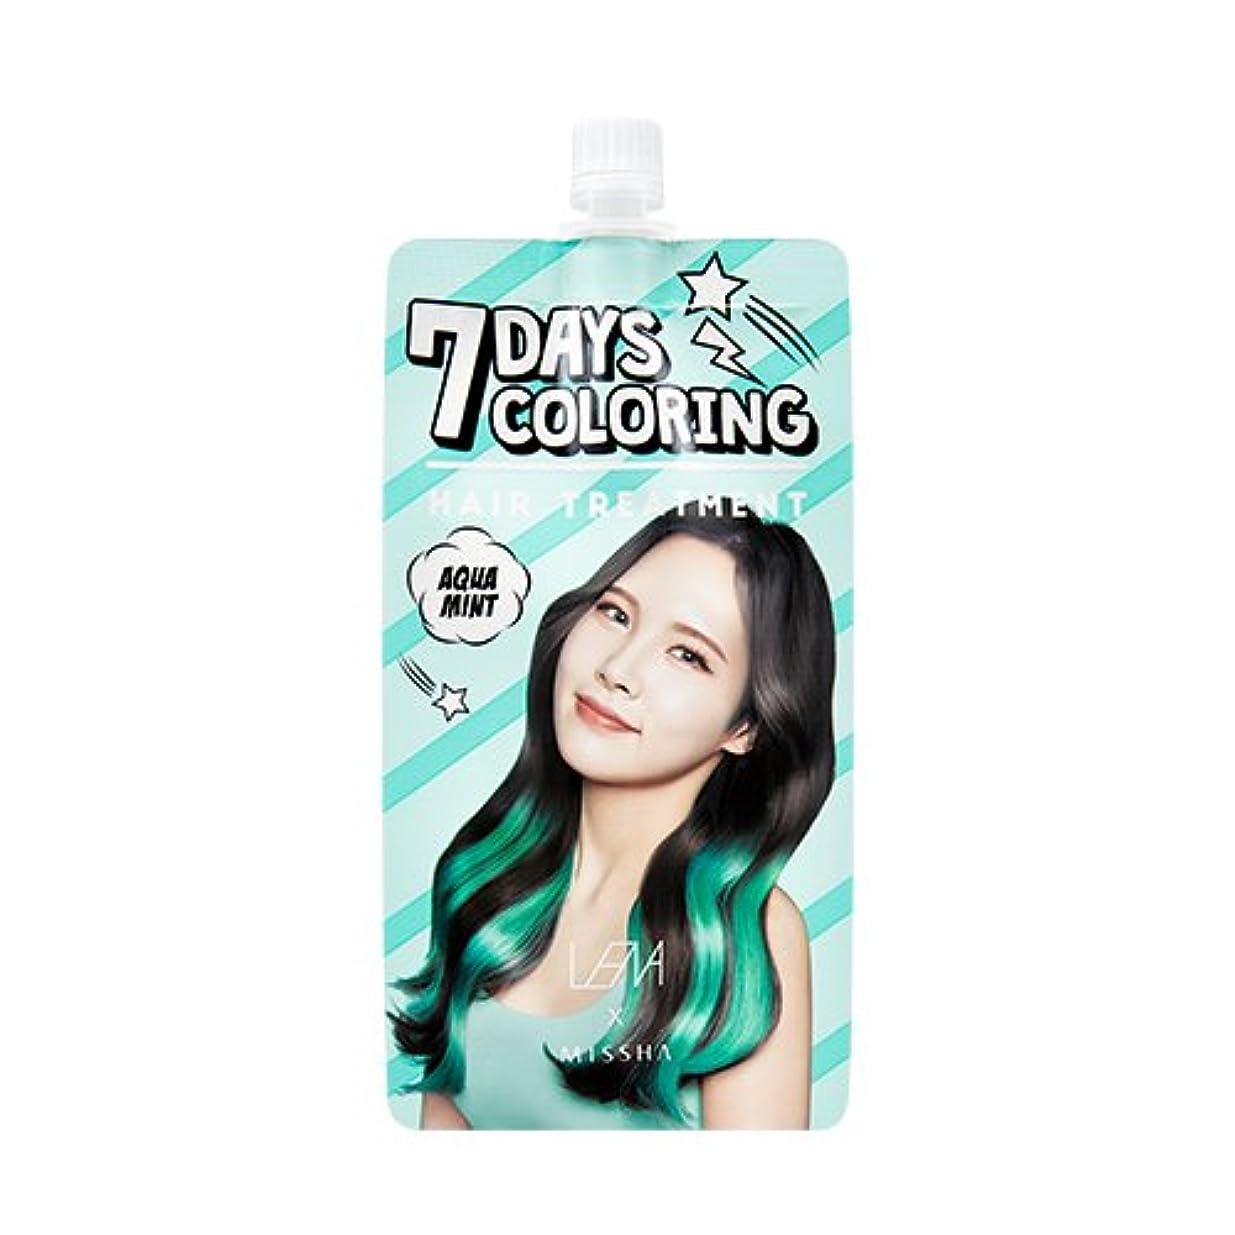 首尾一貫した警告冷凍庫MISSHA Seven Days Coloring Hair Treatment #Aquamint -LENA Edition /ミシャ セブンデイズカラーリングヘアトリートメント - レナエディション (アクアミント...